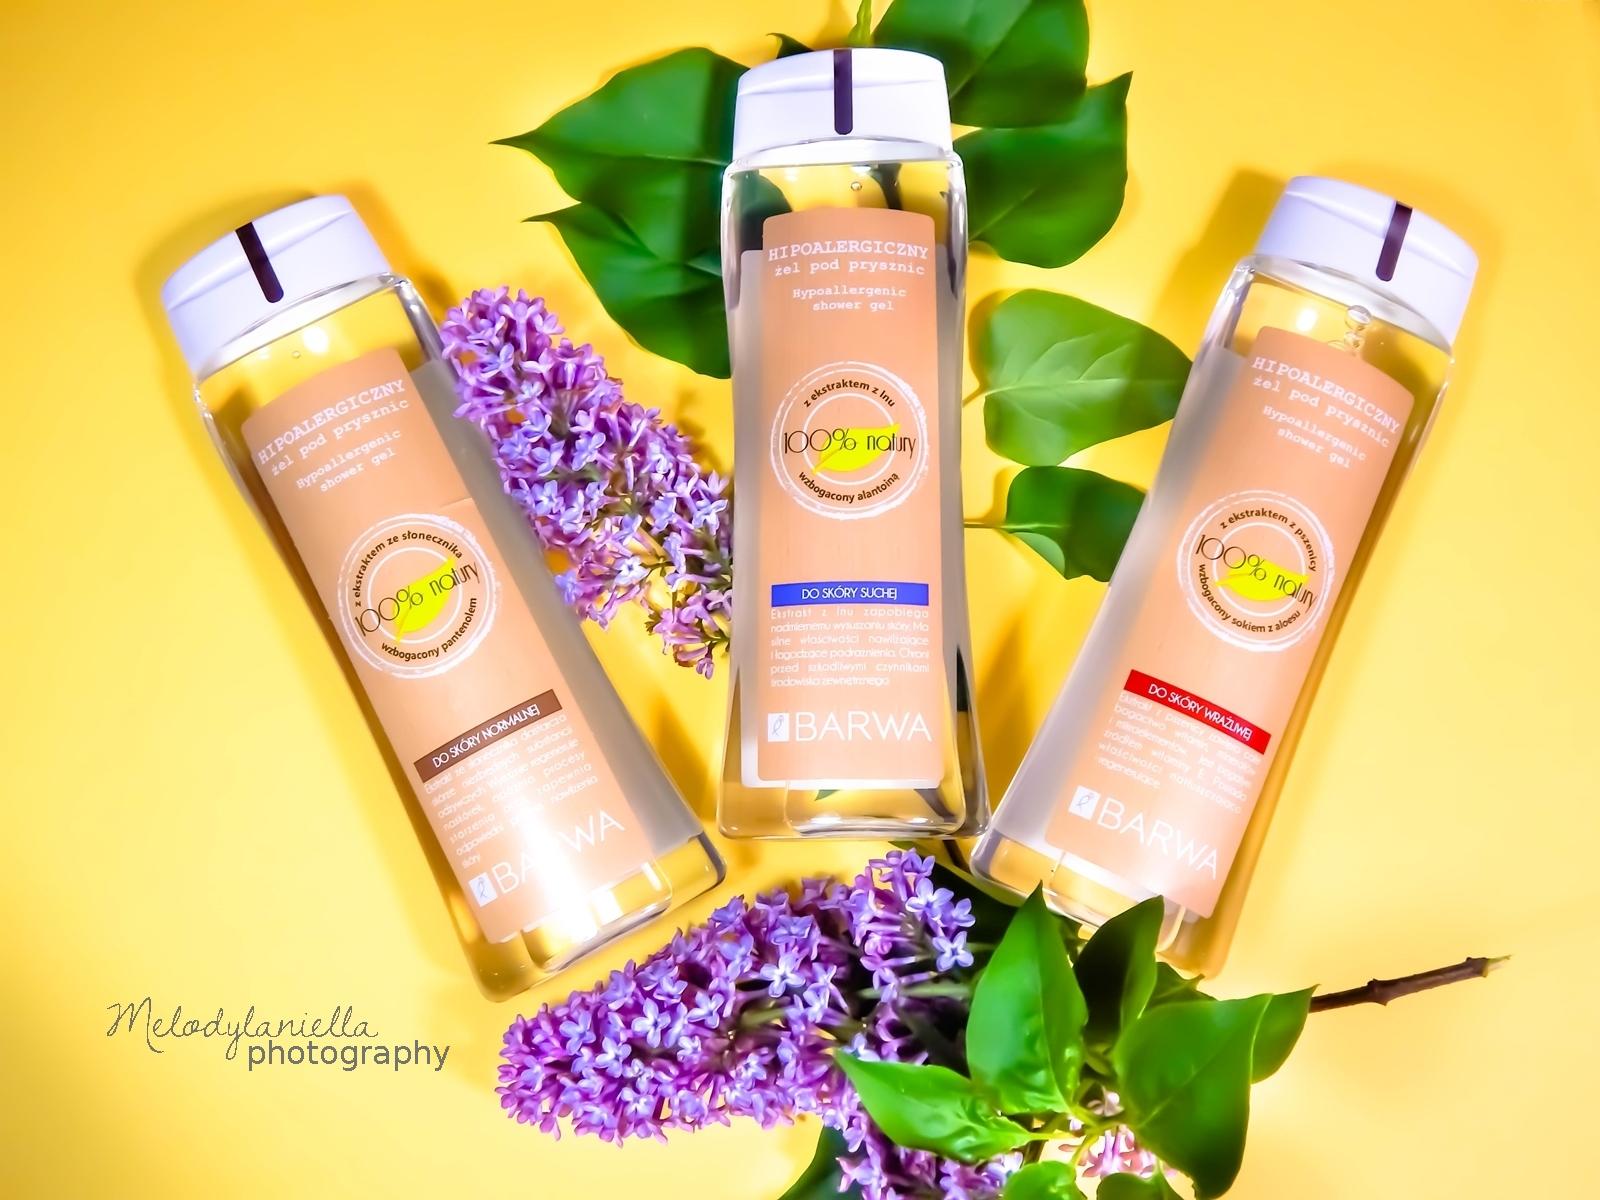 barwa żele żel pod prysznic żel do skóry suchej do skóry normalnej do skóry wrażliwej sto procent natury naturalne kosmetyki pod prysznic uroda kosmetyki